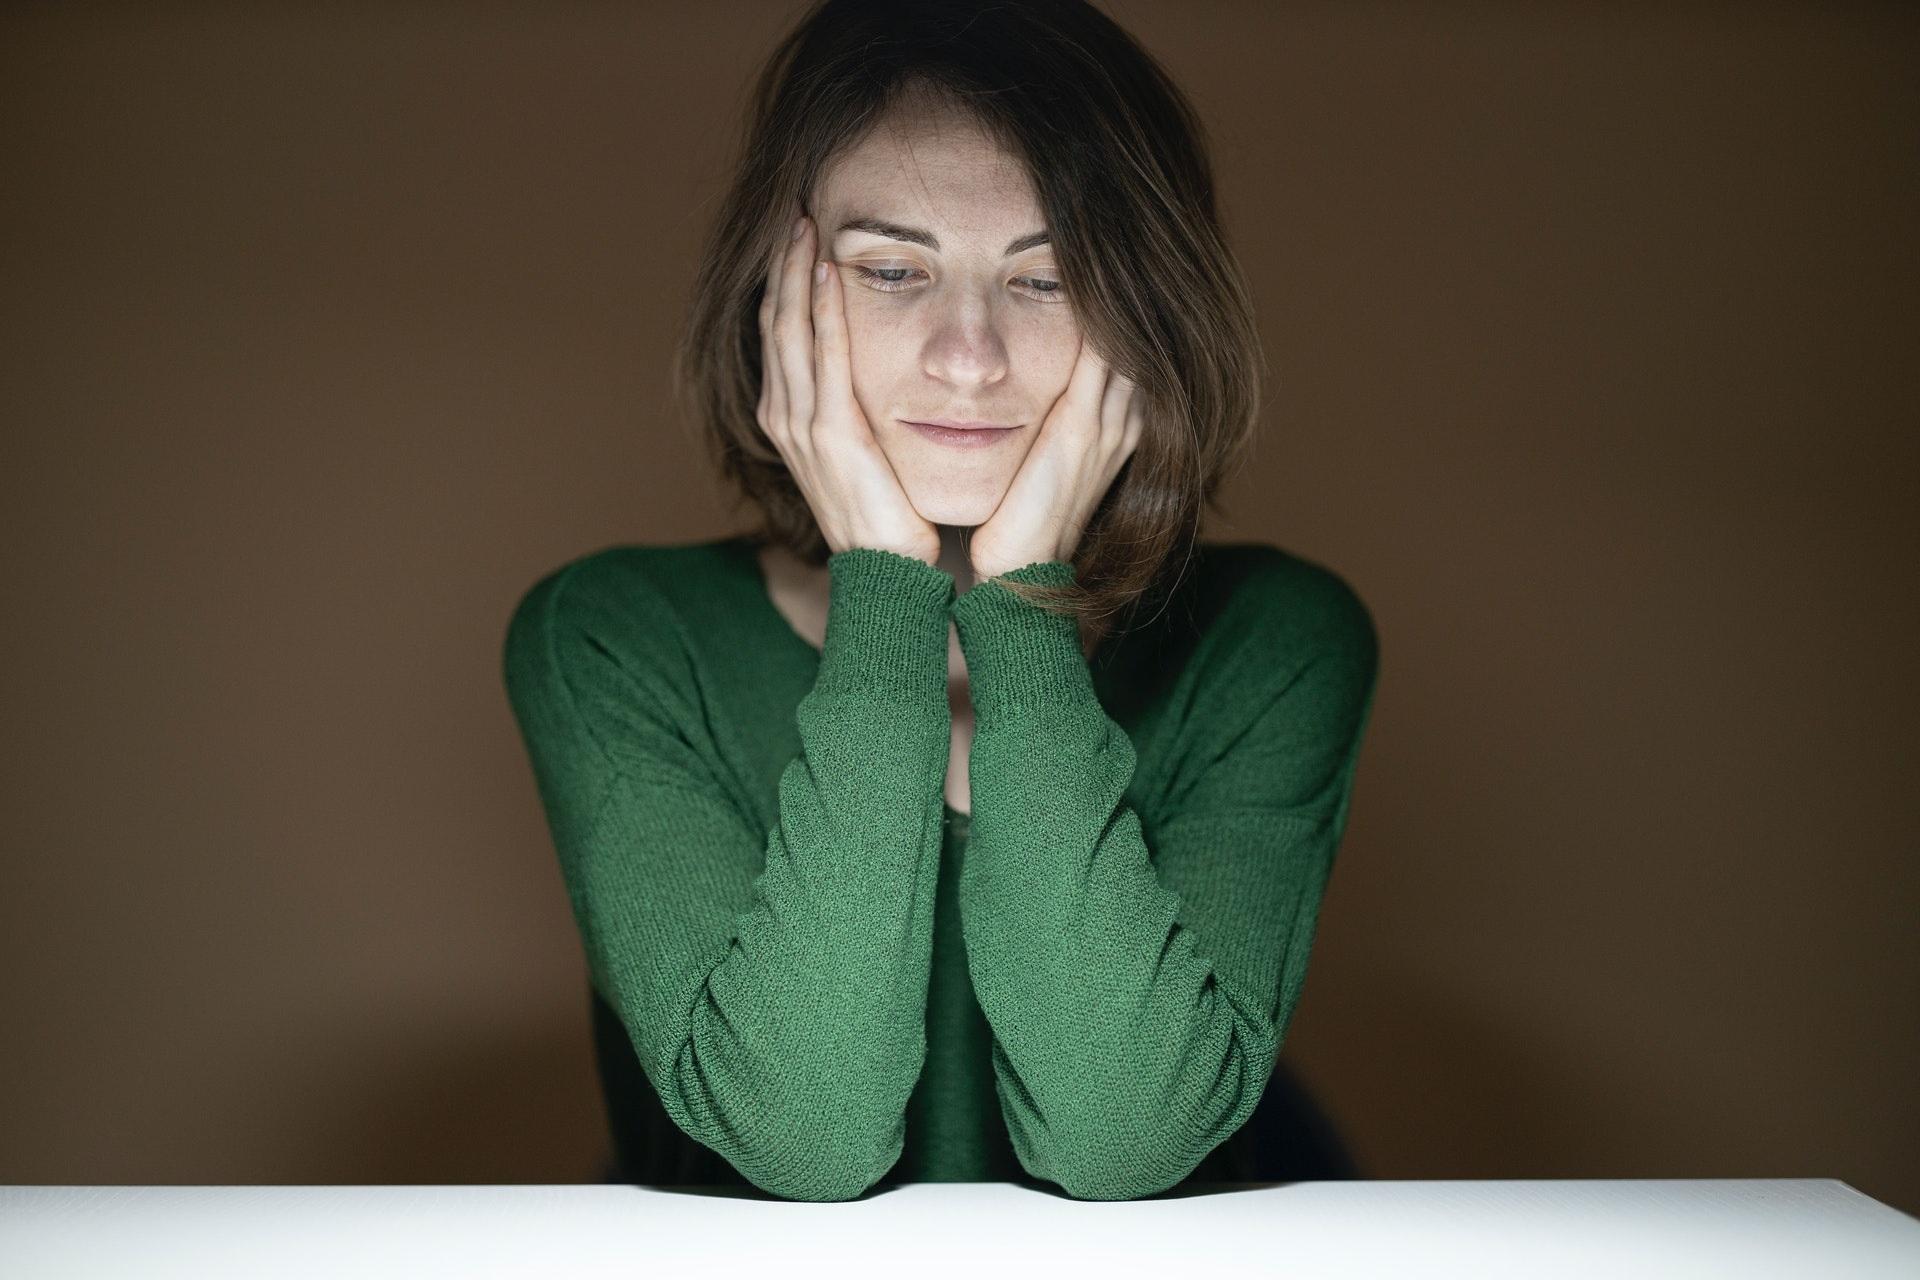 Sintomas De Depresion Postparto Tardia